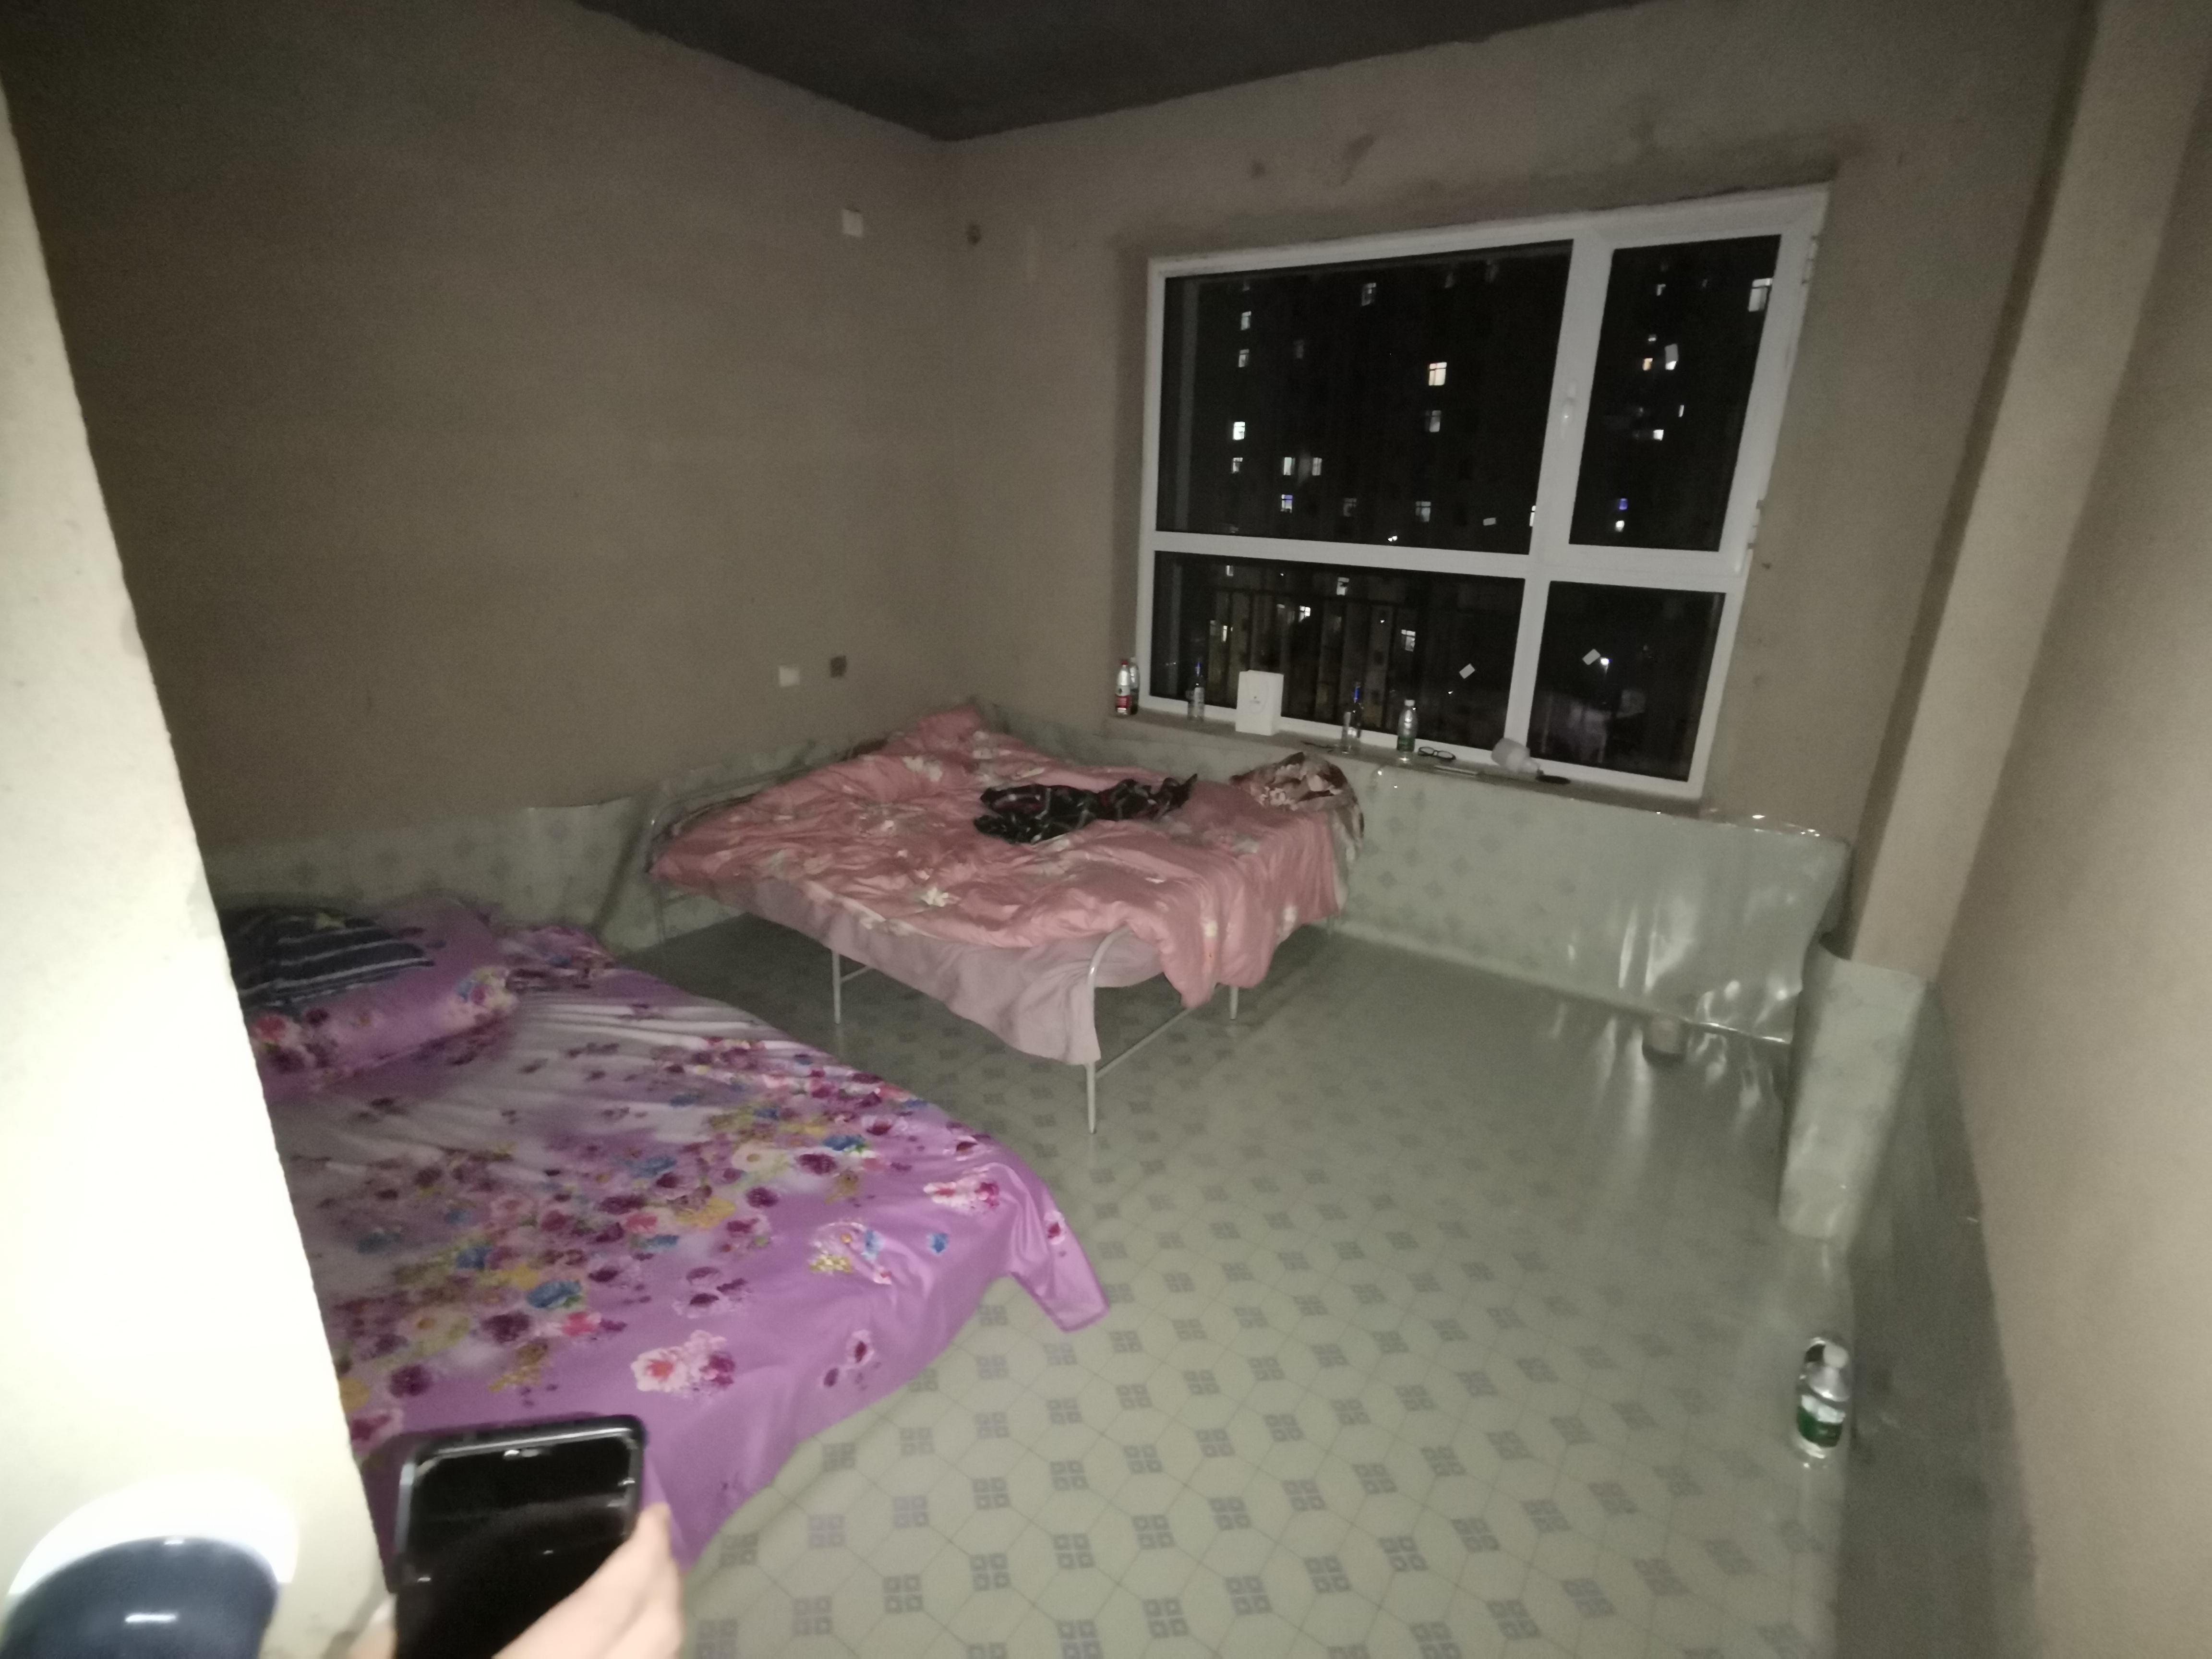 业主搬进8年烂尾楼,没水没电拾柴做饭:当初准备当婚房,如今孩子8岁还没住进去